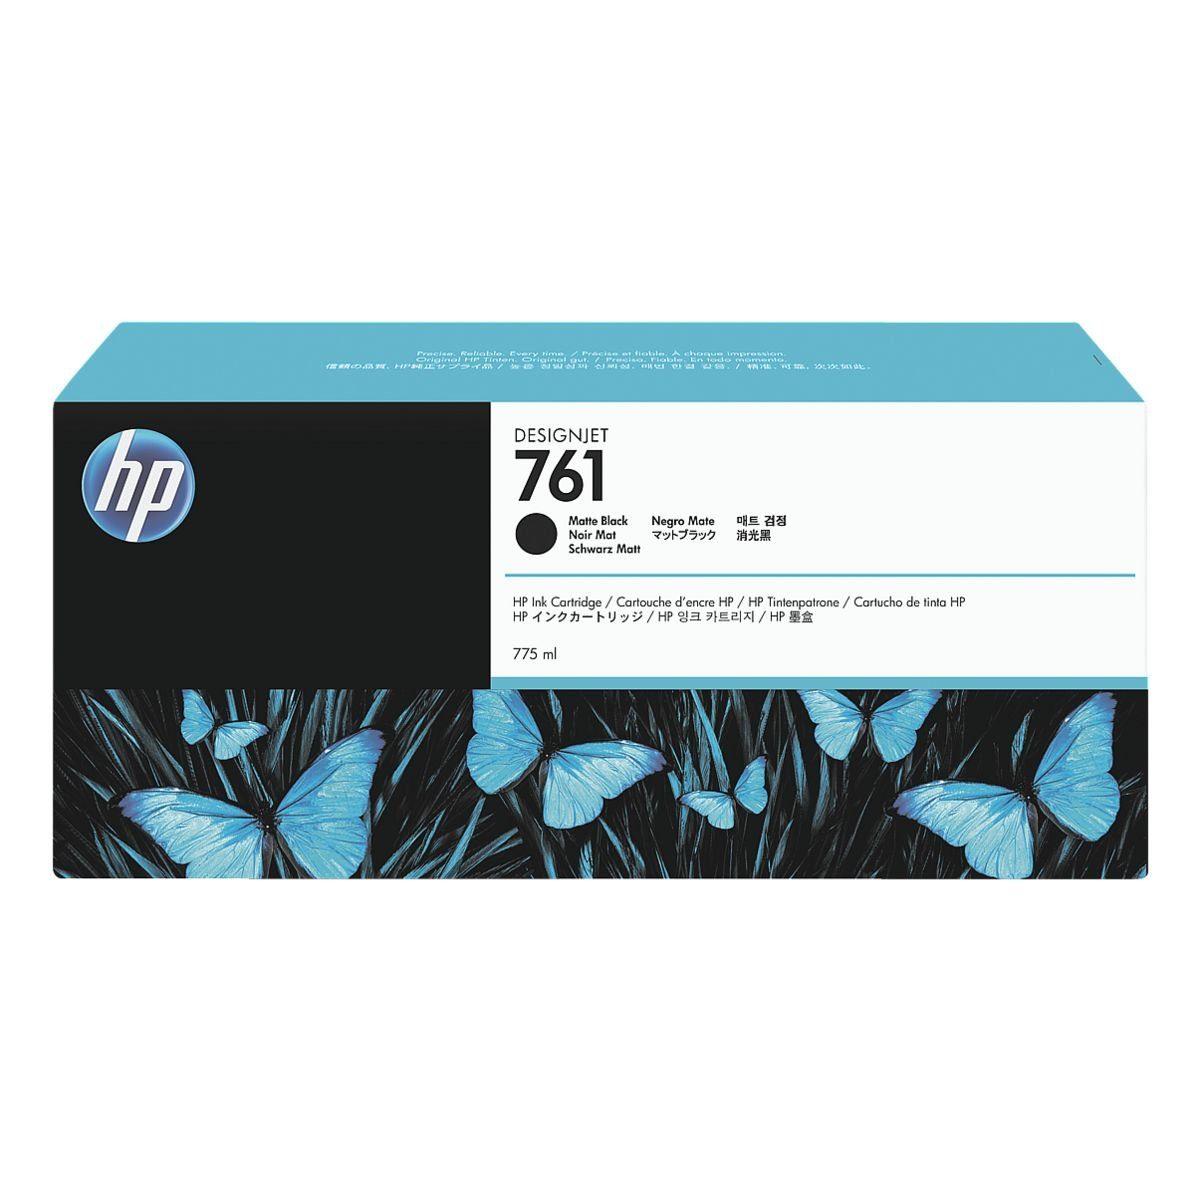 HP Tintenpatrone Designjet »CM997A« HP 761